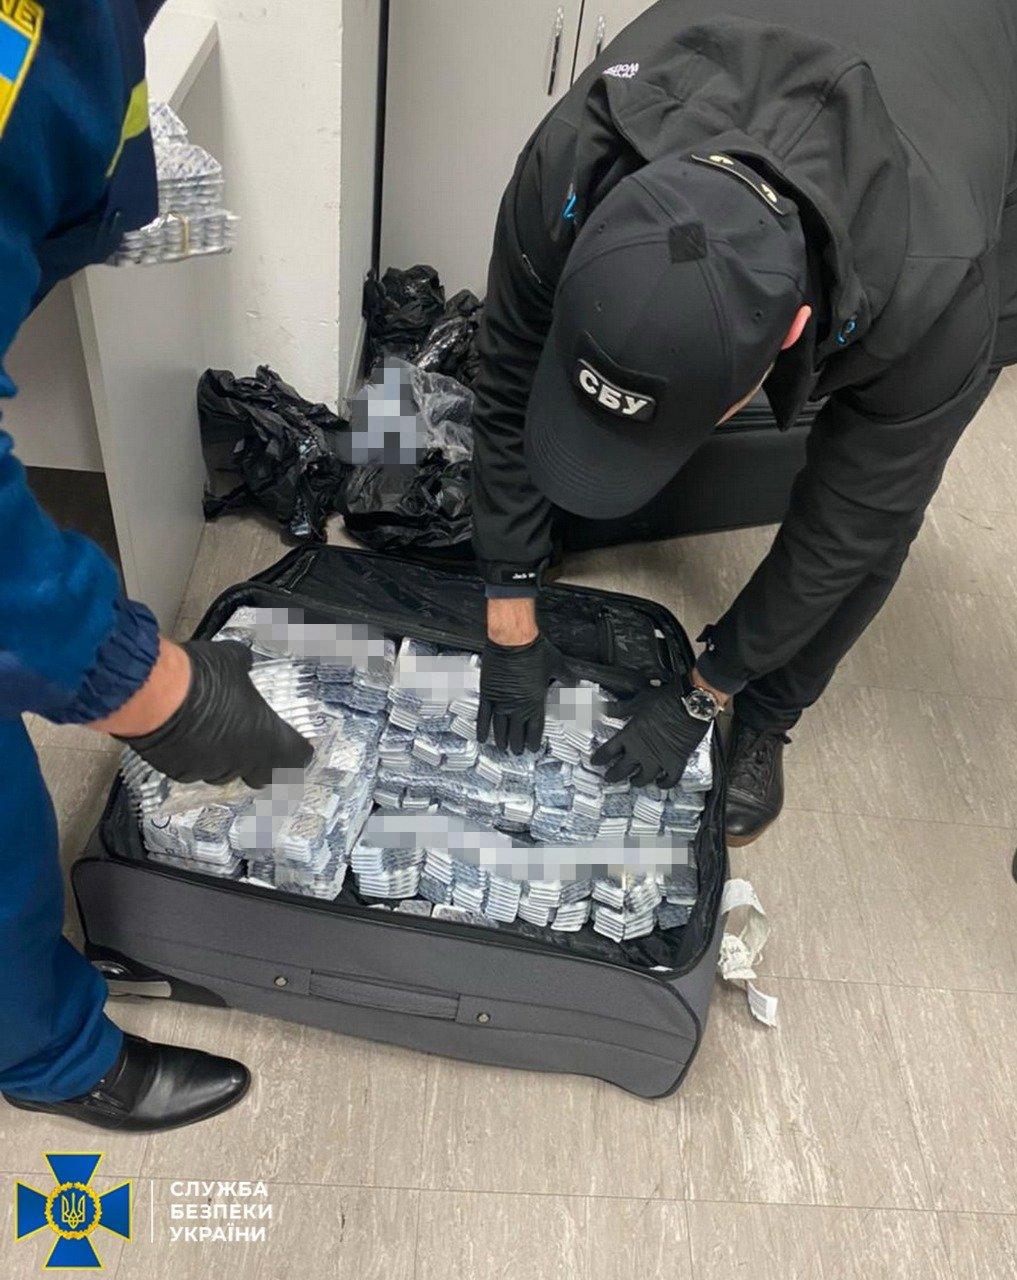 Днепровские СБУшники заблокировали мощный контрабандный канал прекурсоров через аэропорт «Борисполь», - ФОТО, фото-1